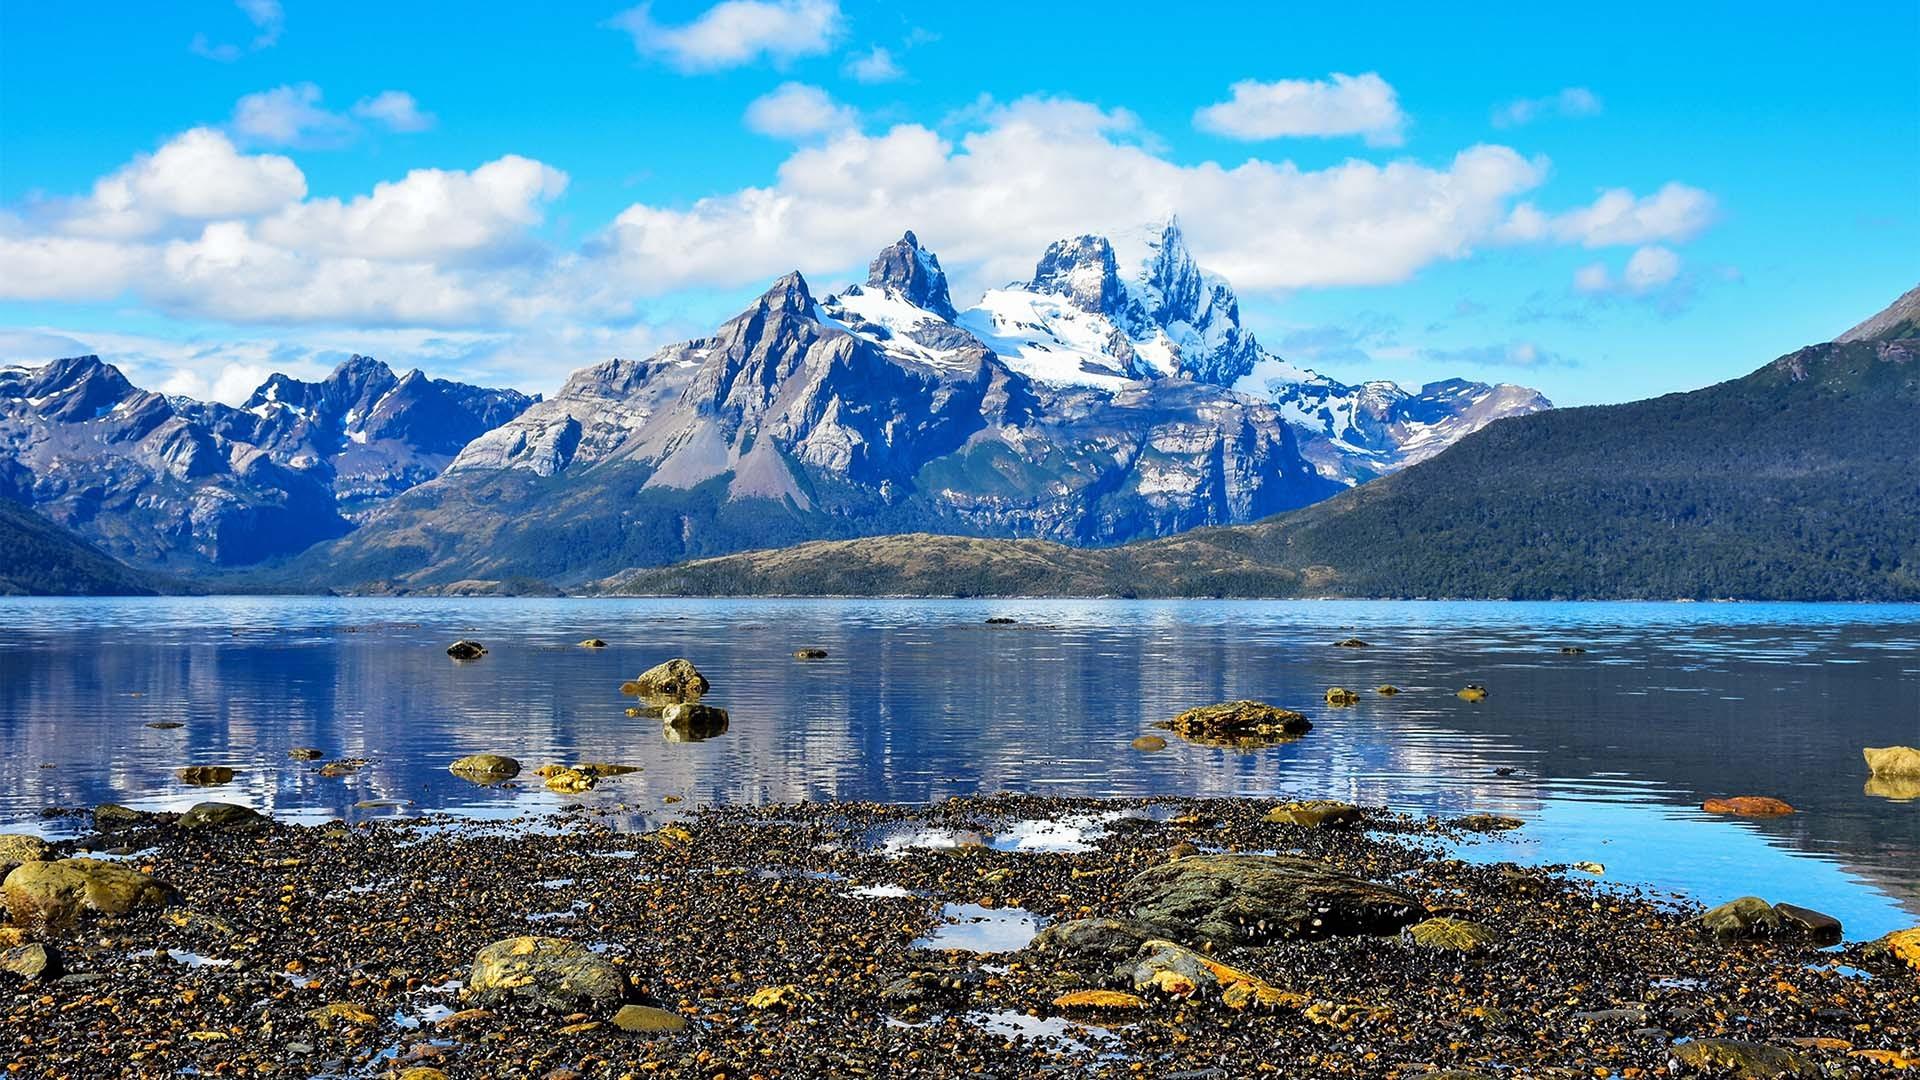 The Darwin Range in Tierra del Fuego, Patagonia